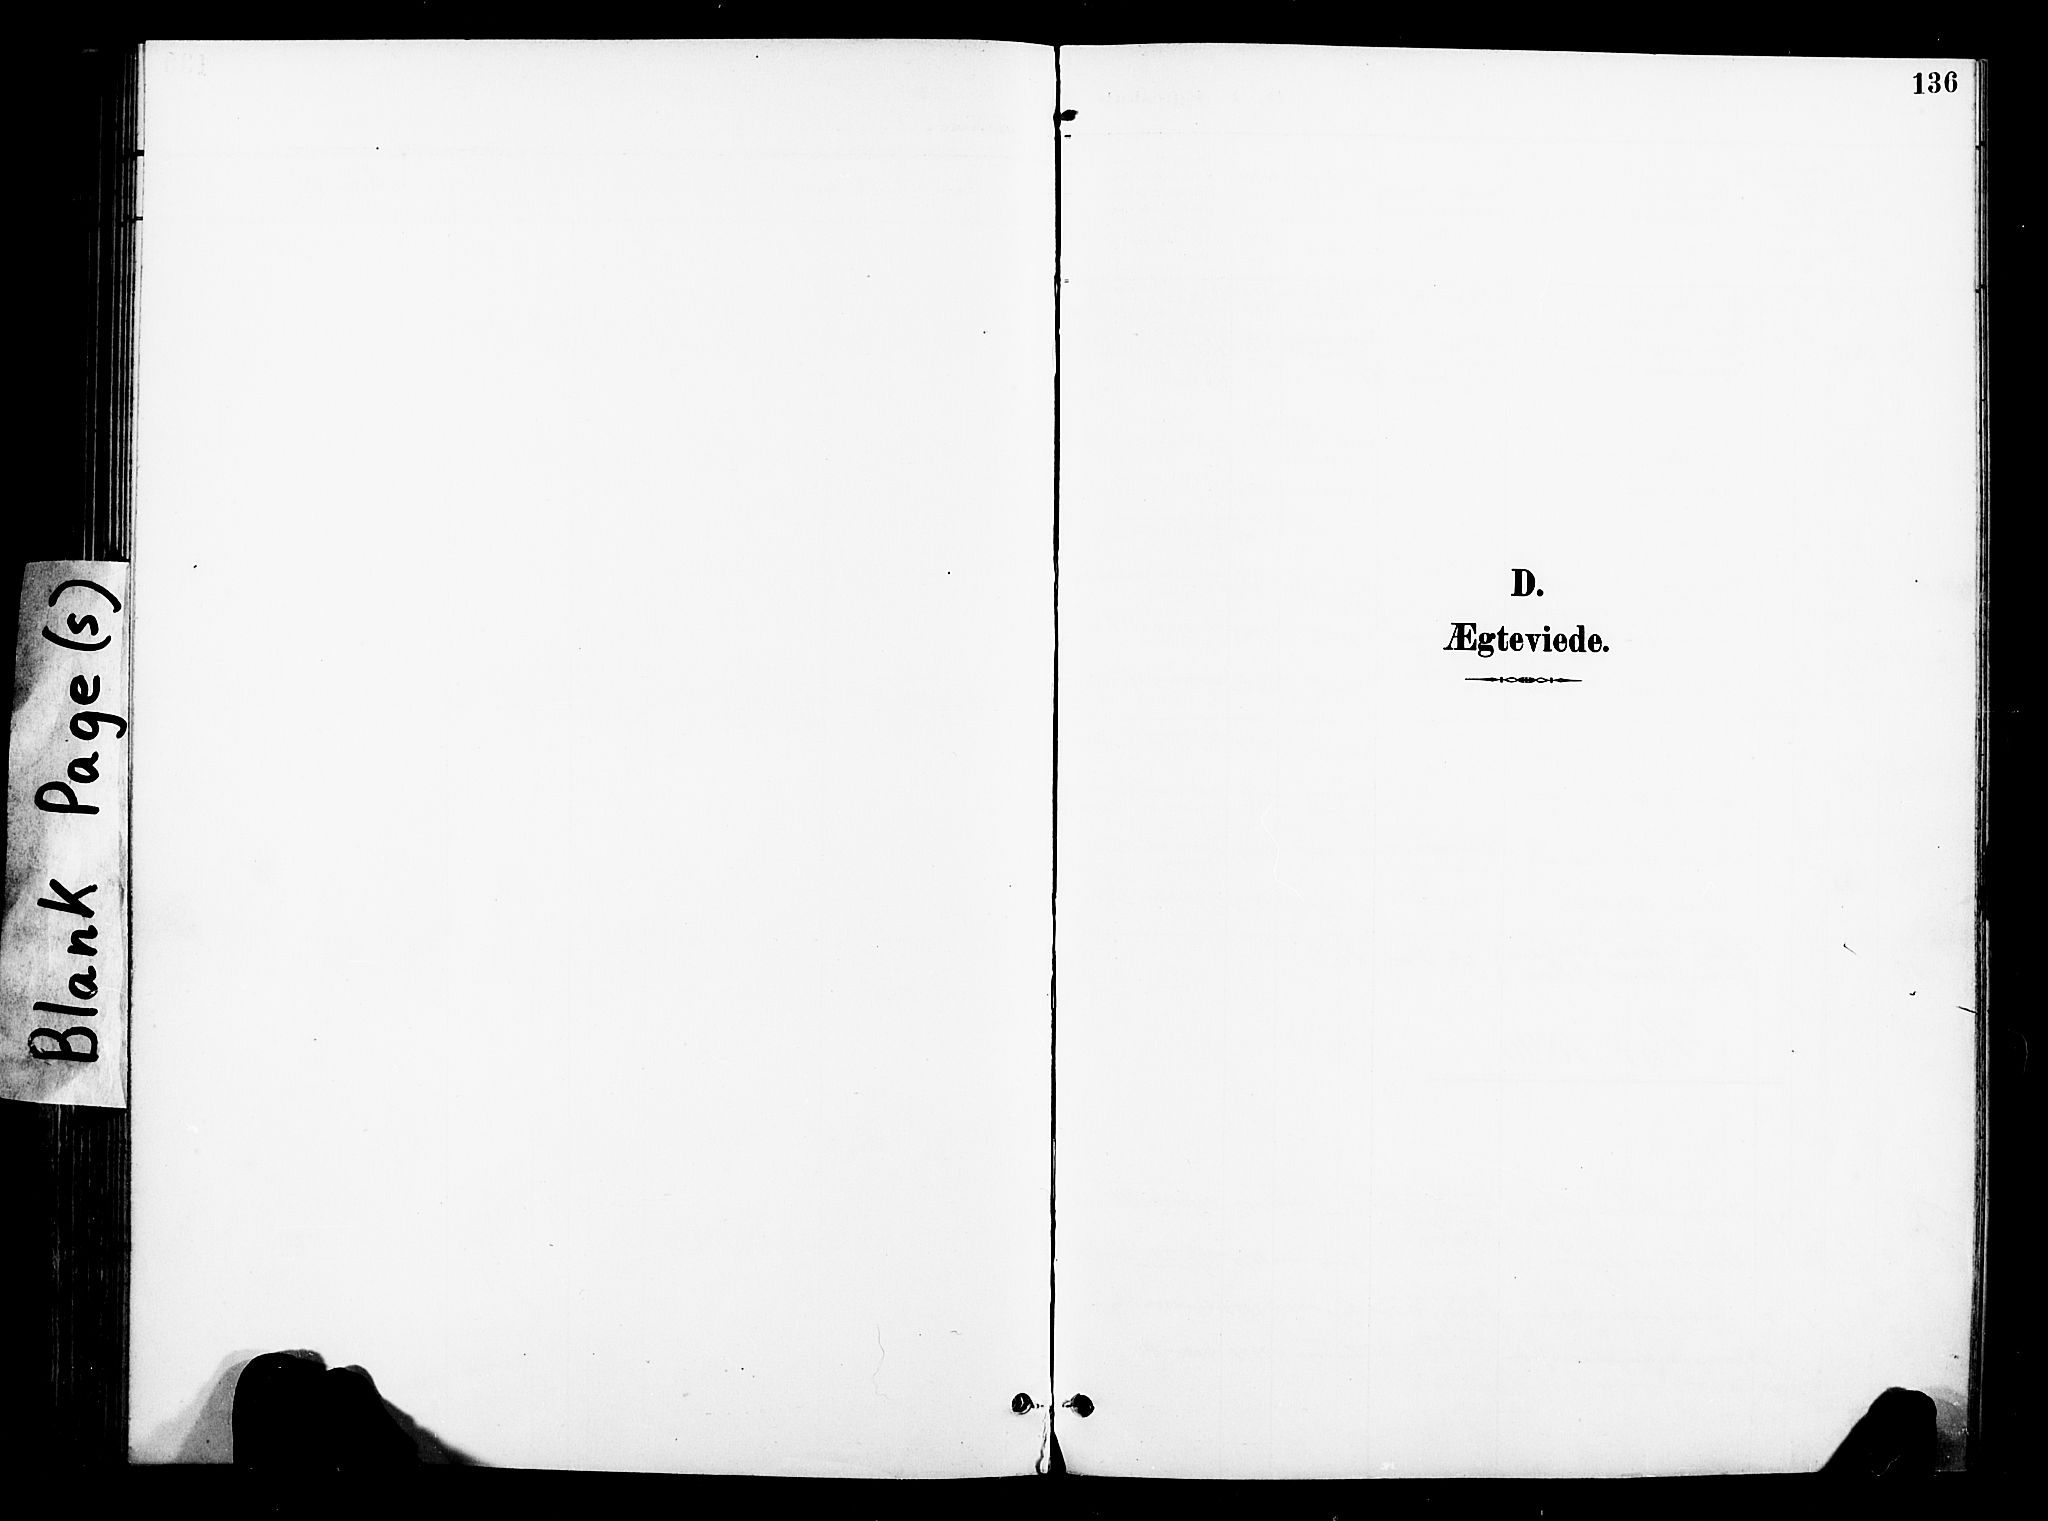 SAT, Ministerialprotokoller, klokkerbøker og fødselsregistre - Nord-Trøndelag, 739/L0372: Ministerialbok nr. 739A04, 1895-1903, s. 136